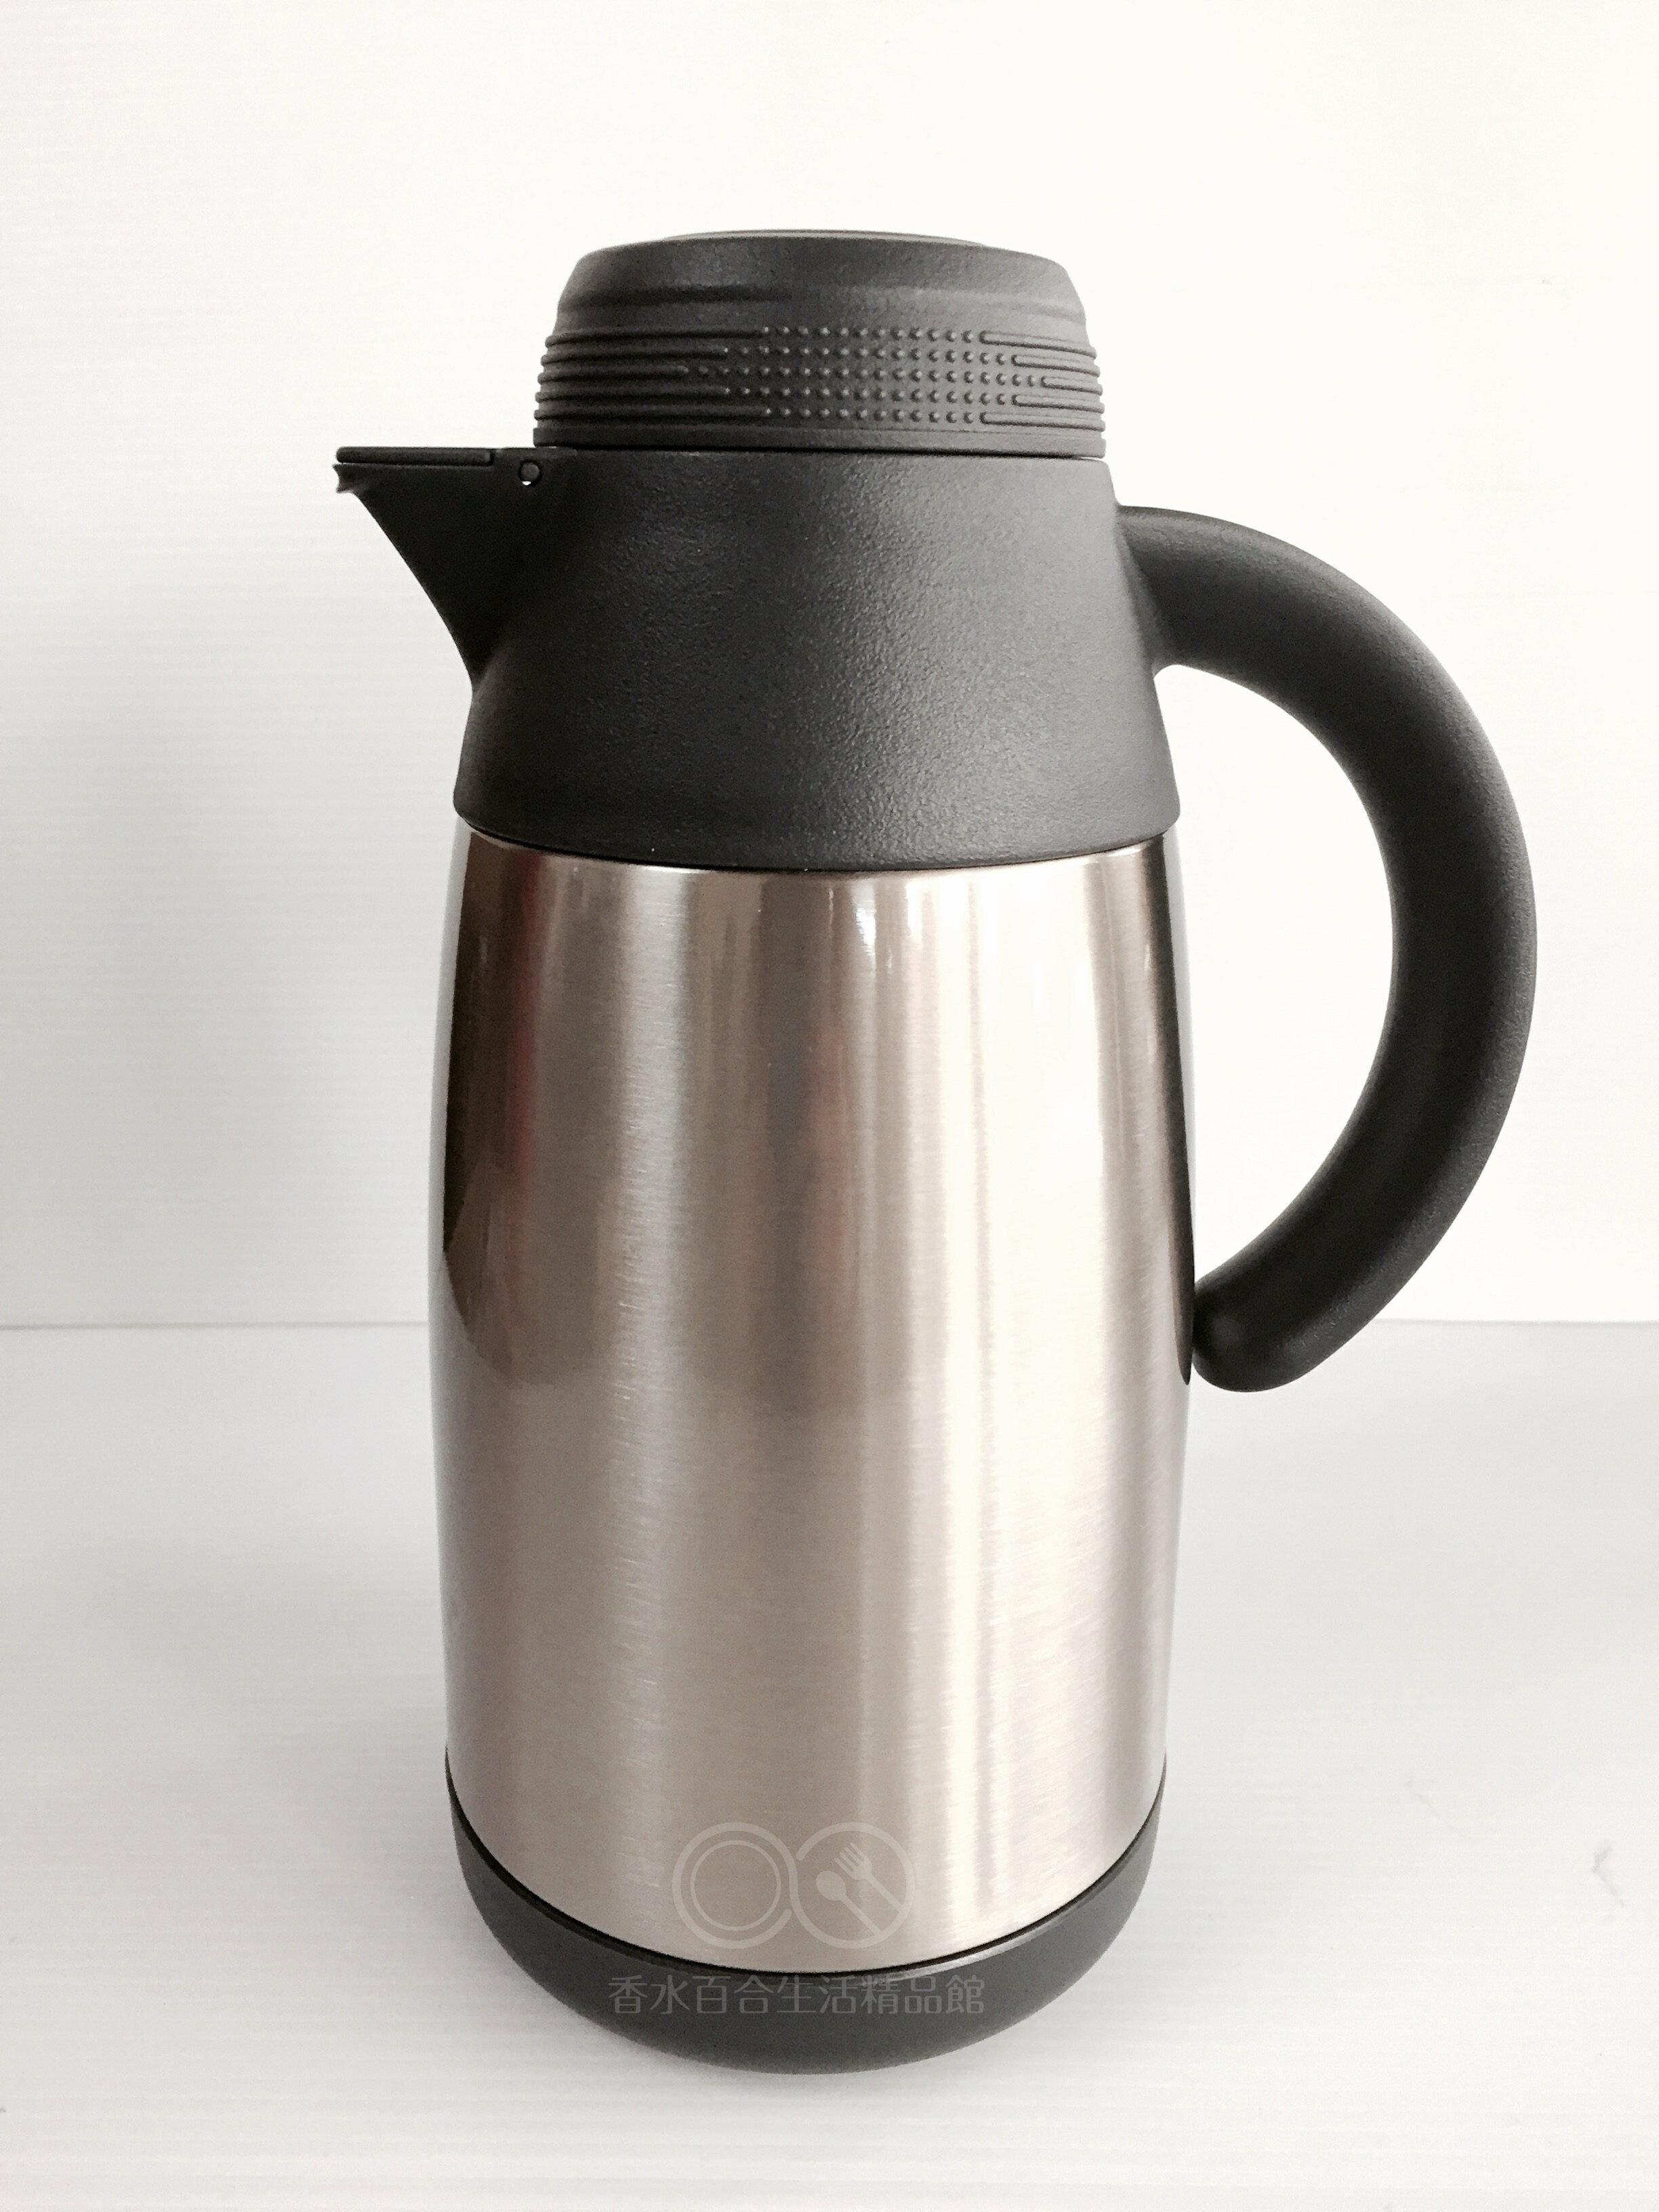 🌟現貨🌟仙德曼 SADOMAIN 極度輕薄經典保溫壺-1.1L LU1100 0.8L LU0800 桌上型保溫壺